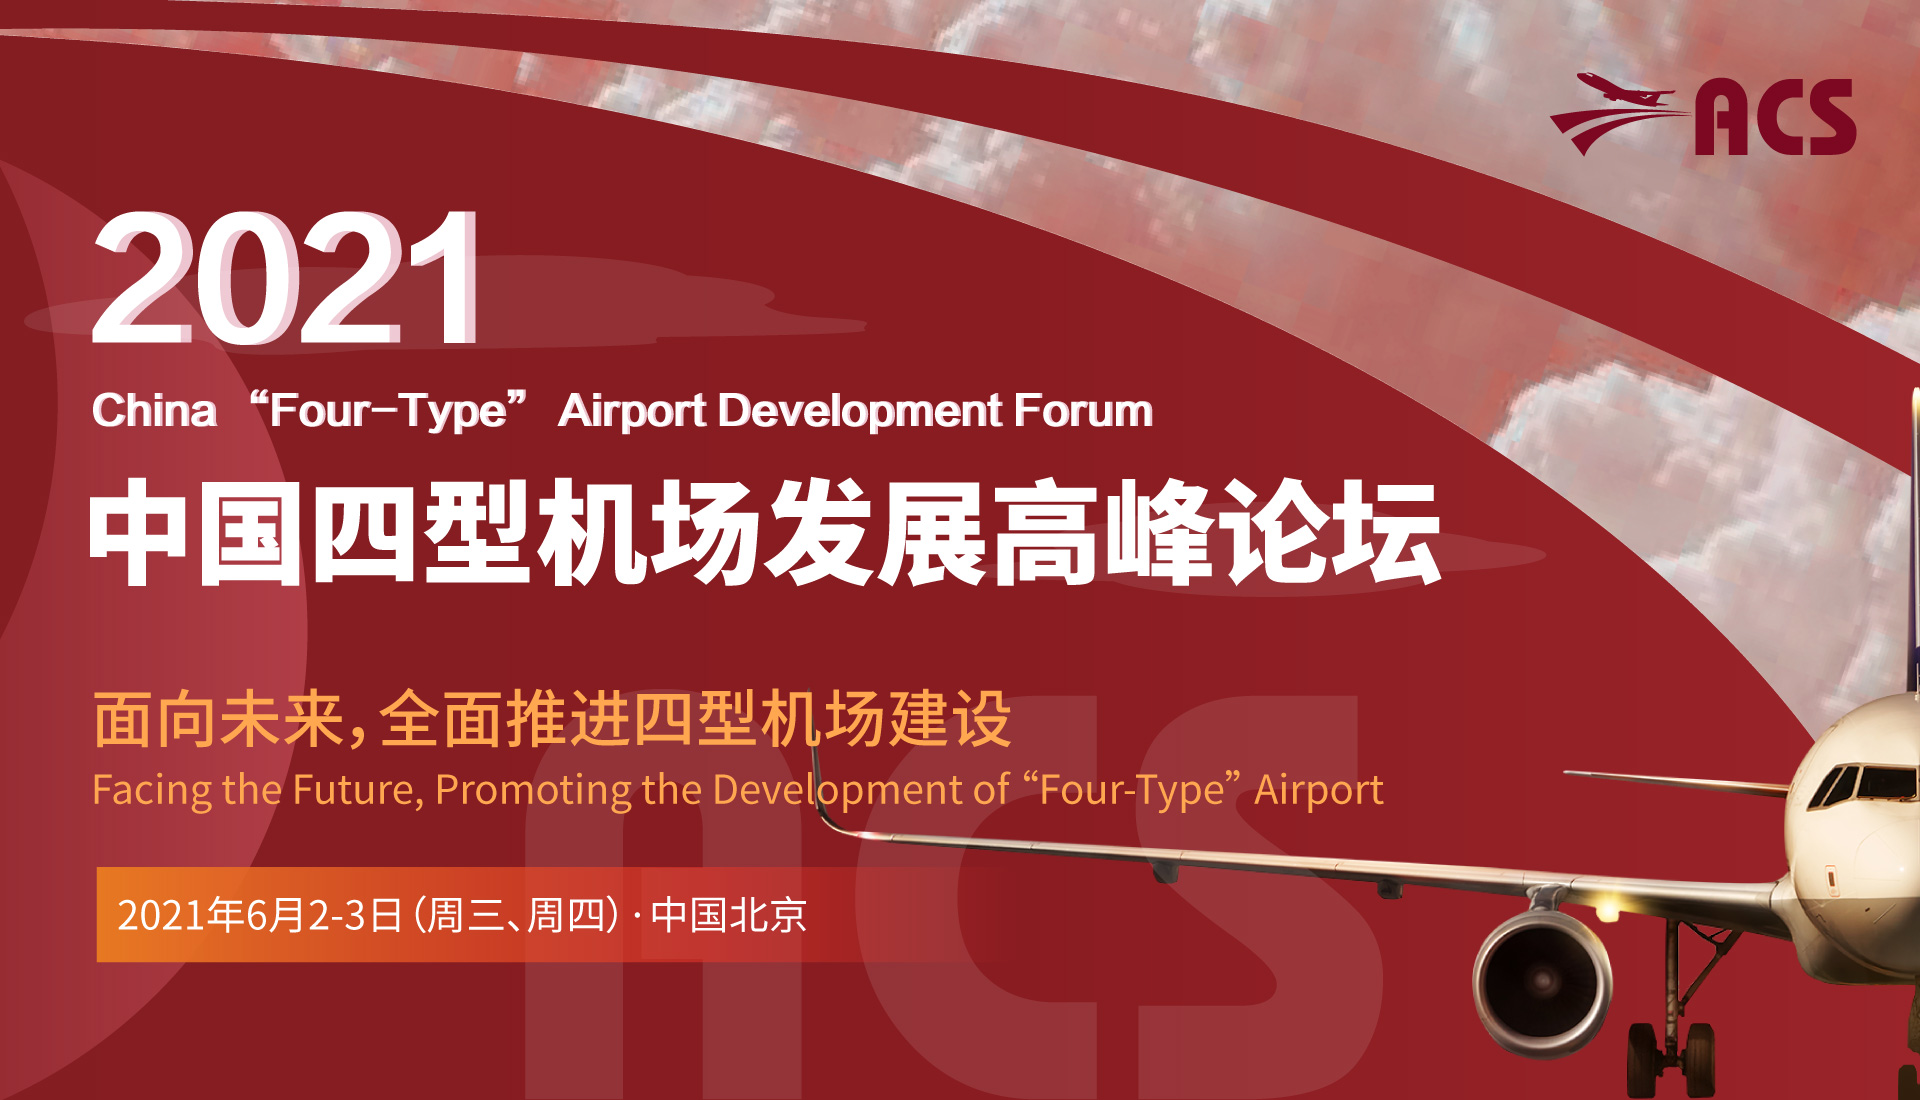 2021中国四型机场发展高峰论坛